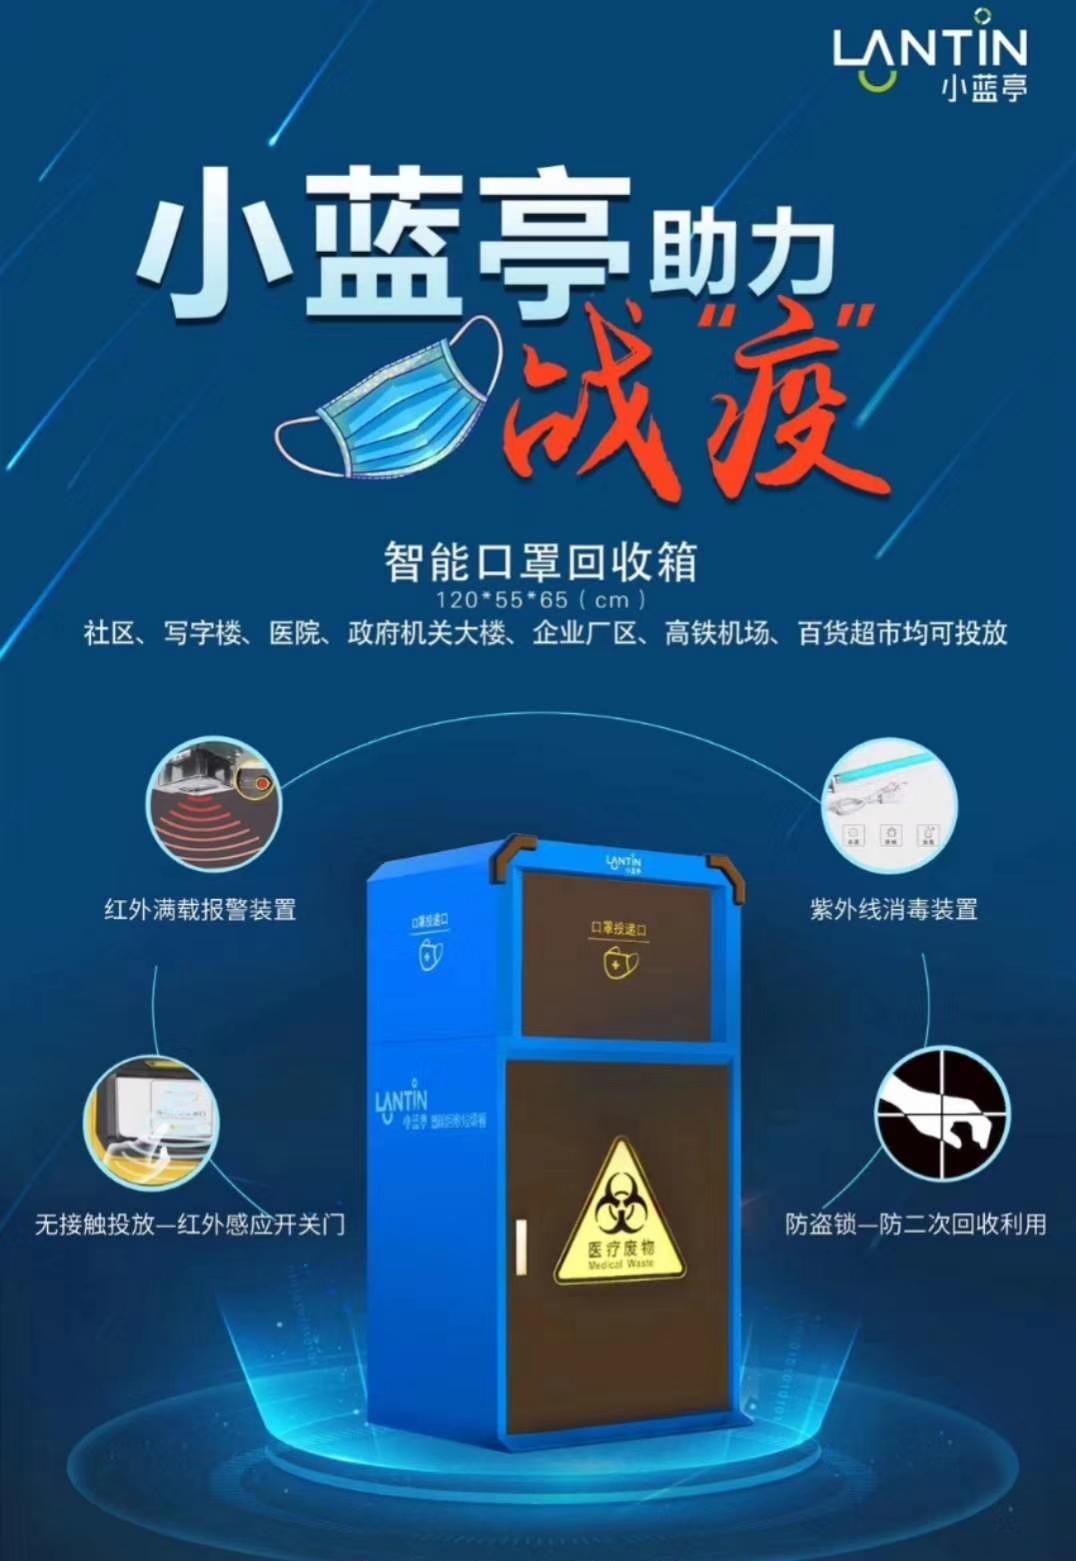 中车交通/湖北long8手机pt客户端-小蓝亭智能口罩回收箱助力疫情防控!